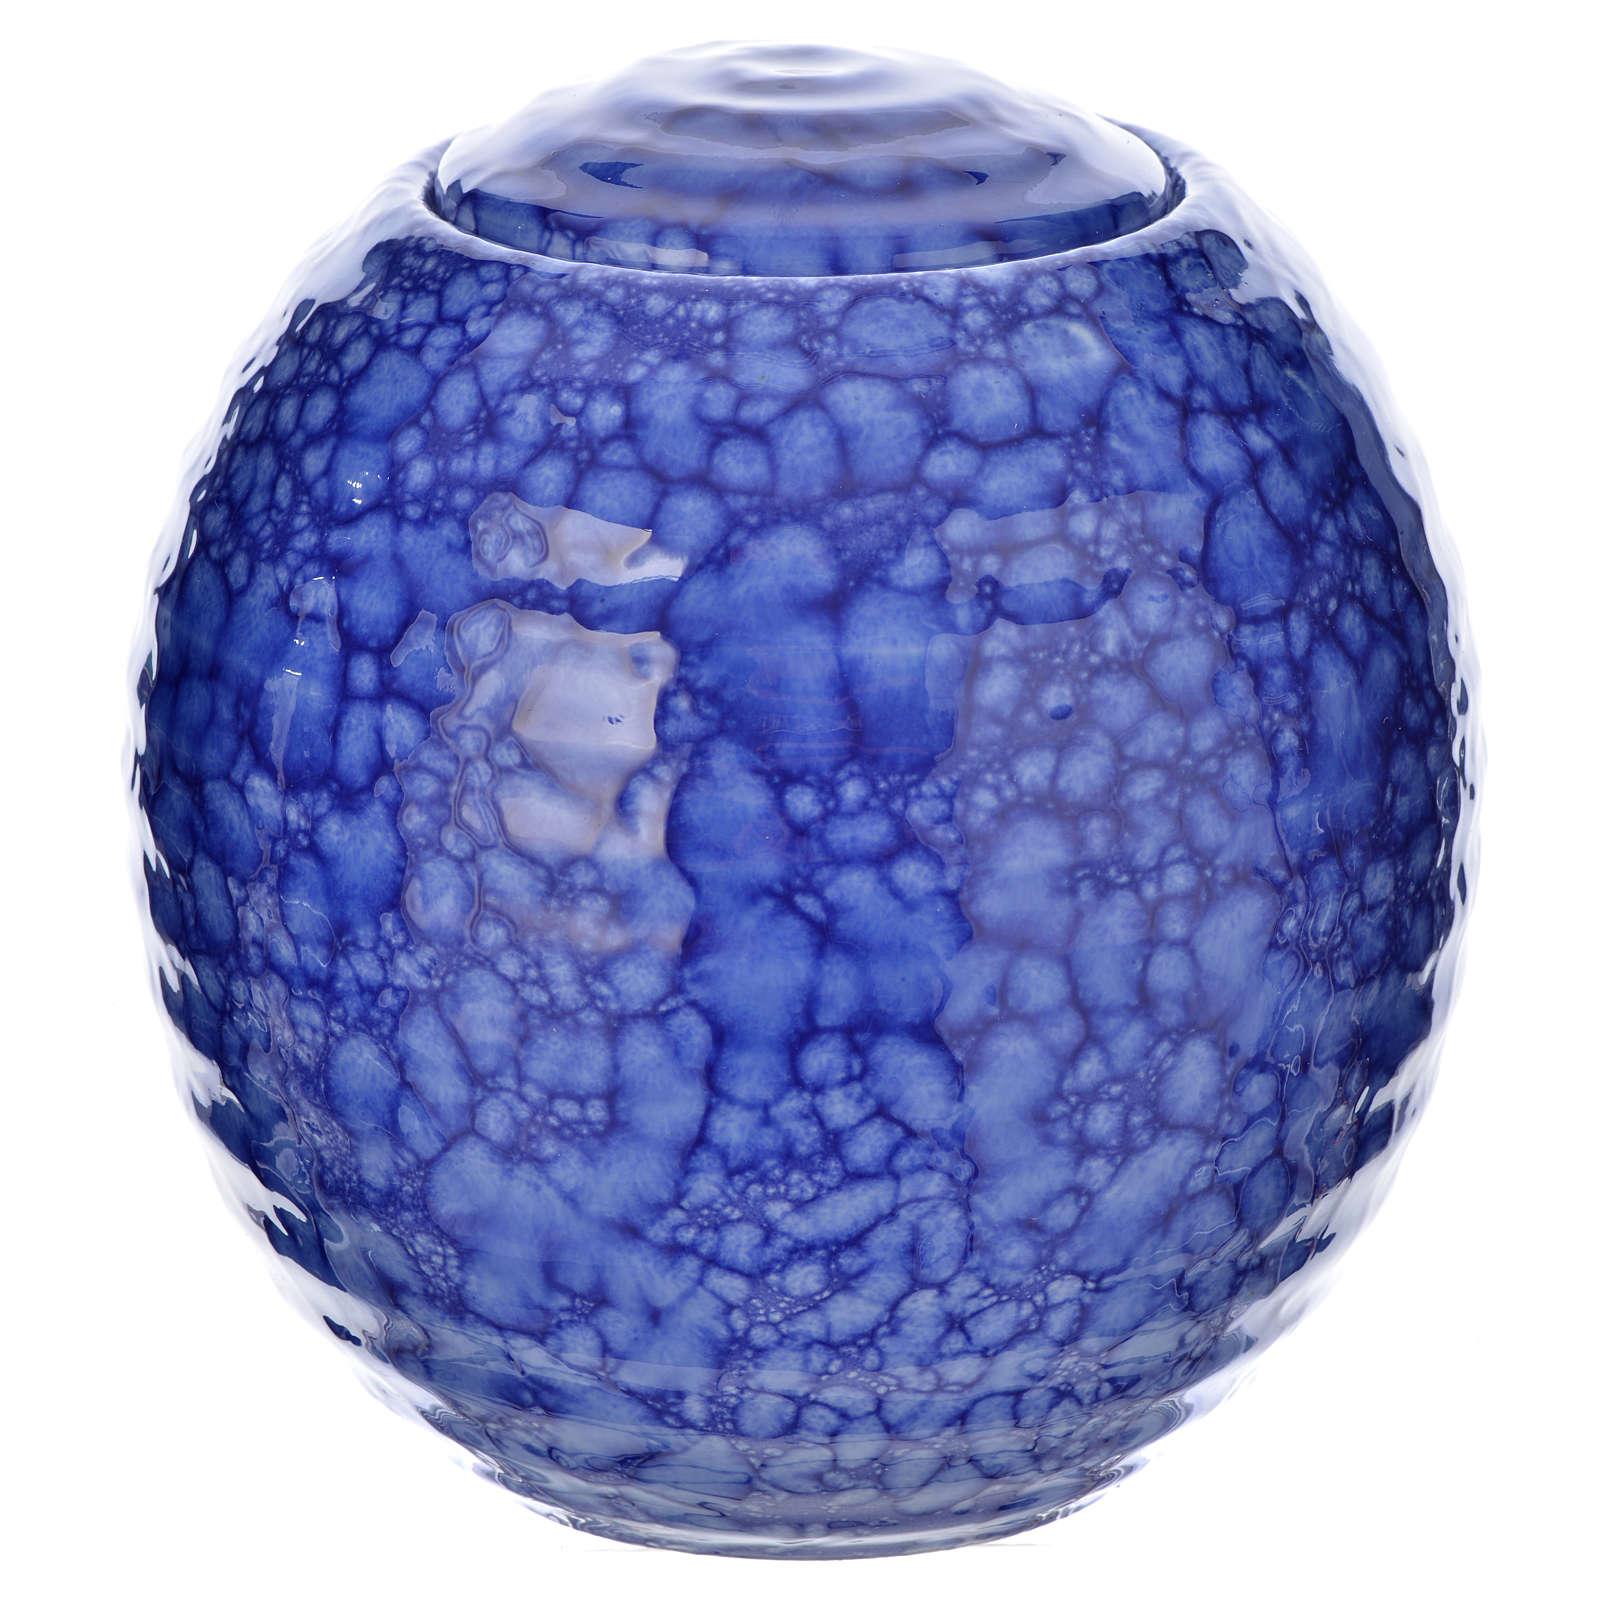 Urna fúnebre porcelana esmaltada mod. Murano Azulado 3